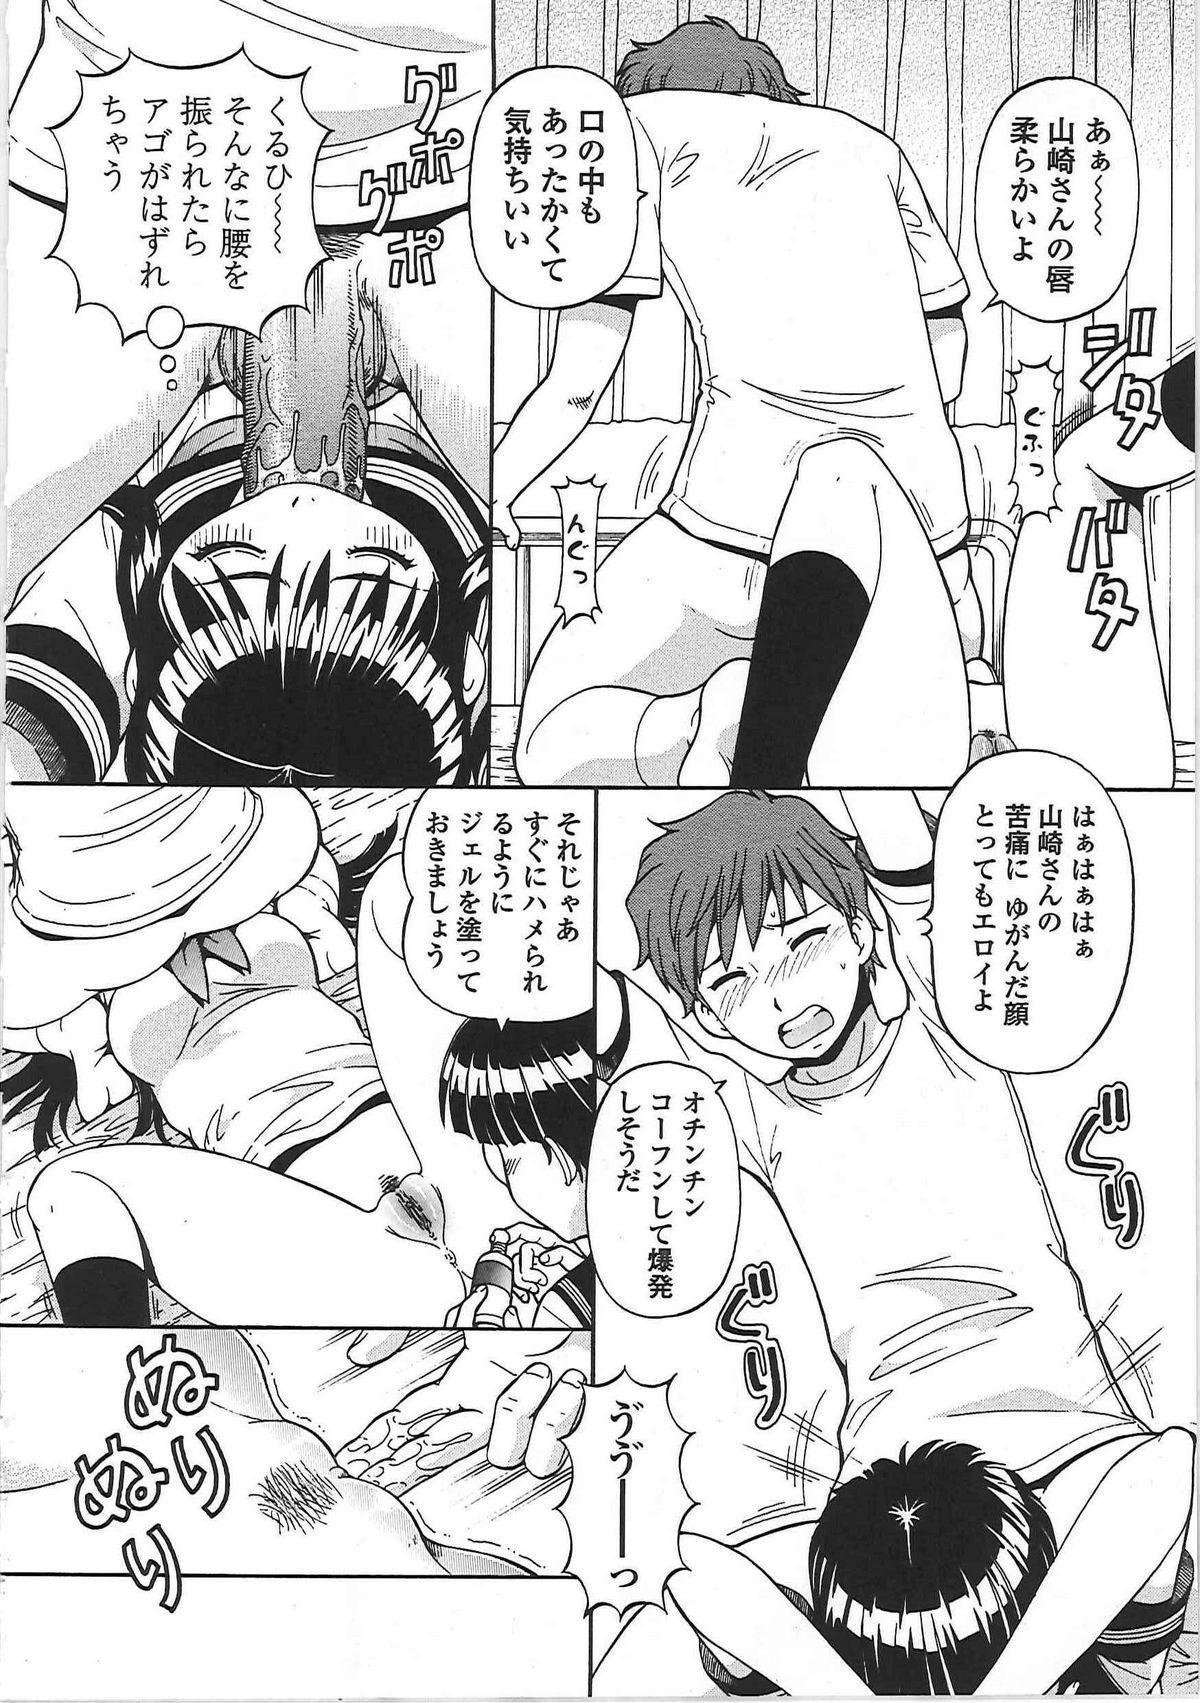 Hentai Iinchou 126